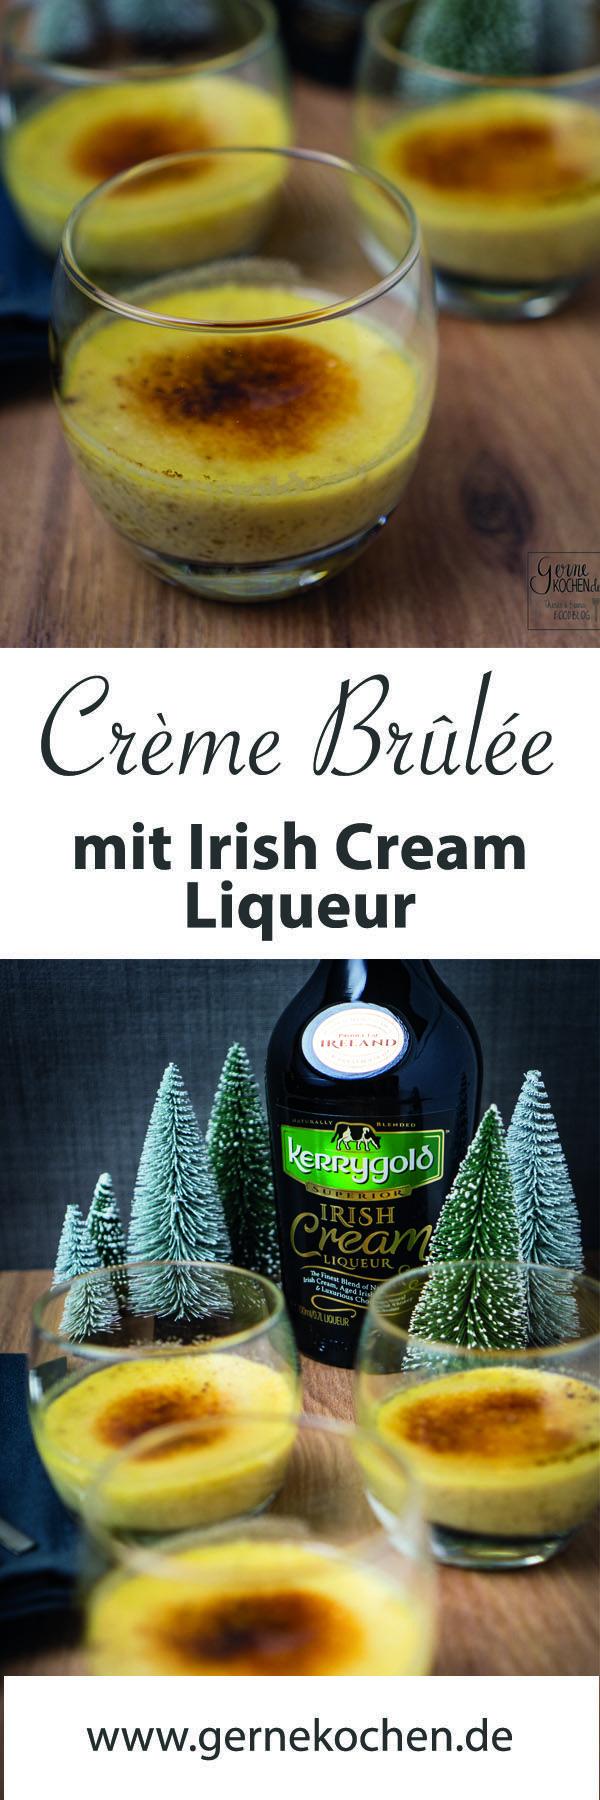 Creme Brulee aus einer Irish Cream Liqueur ist super passend für die Weihnachtszeit. Und es läßt sich als Weihnachtsdessert super vorbereiten.